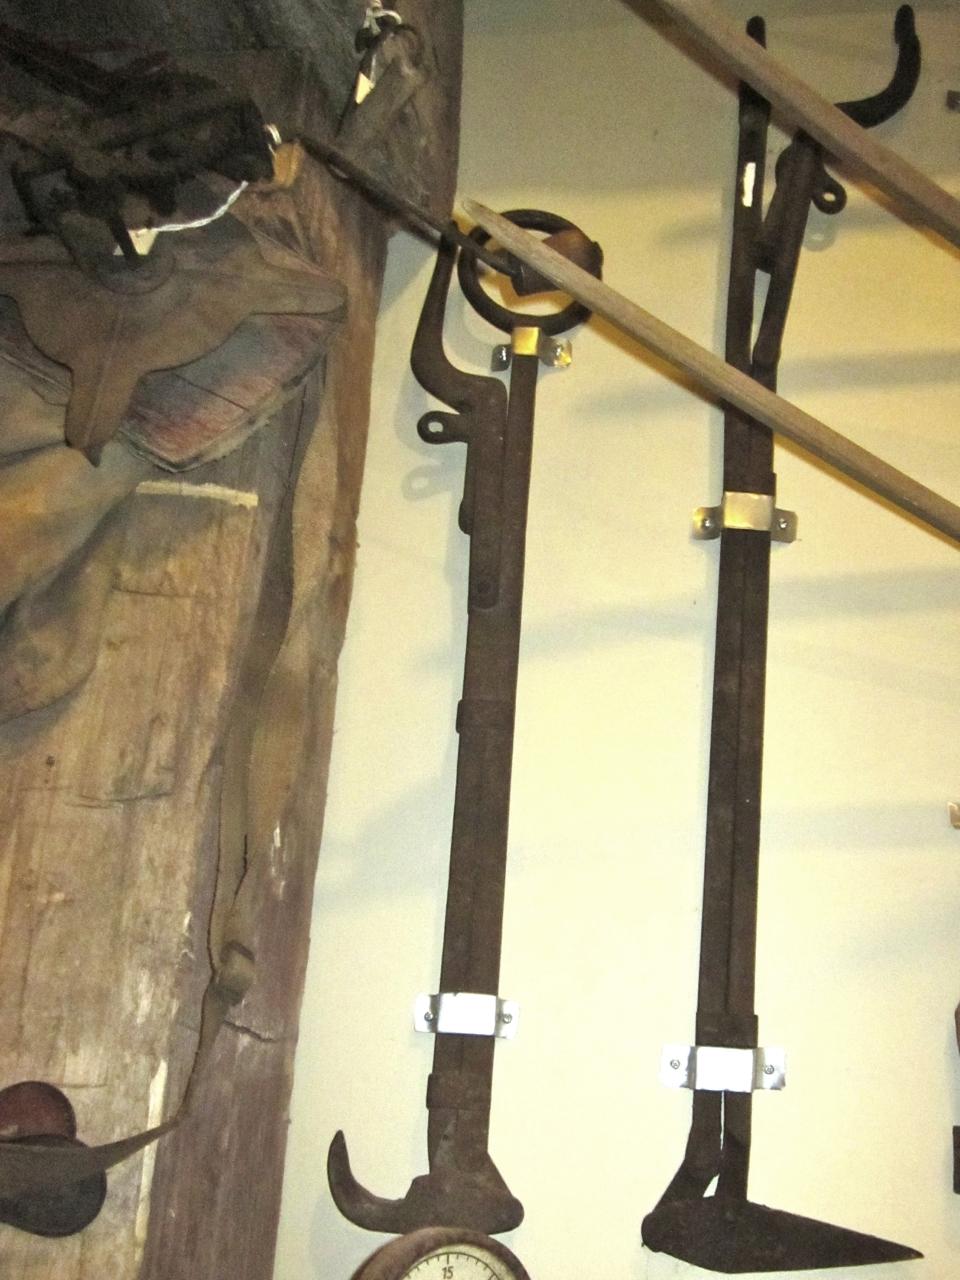 Hay hook or harpoon